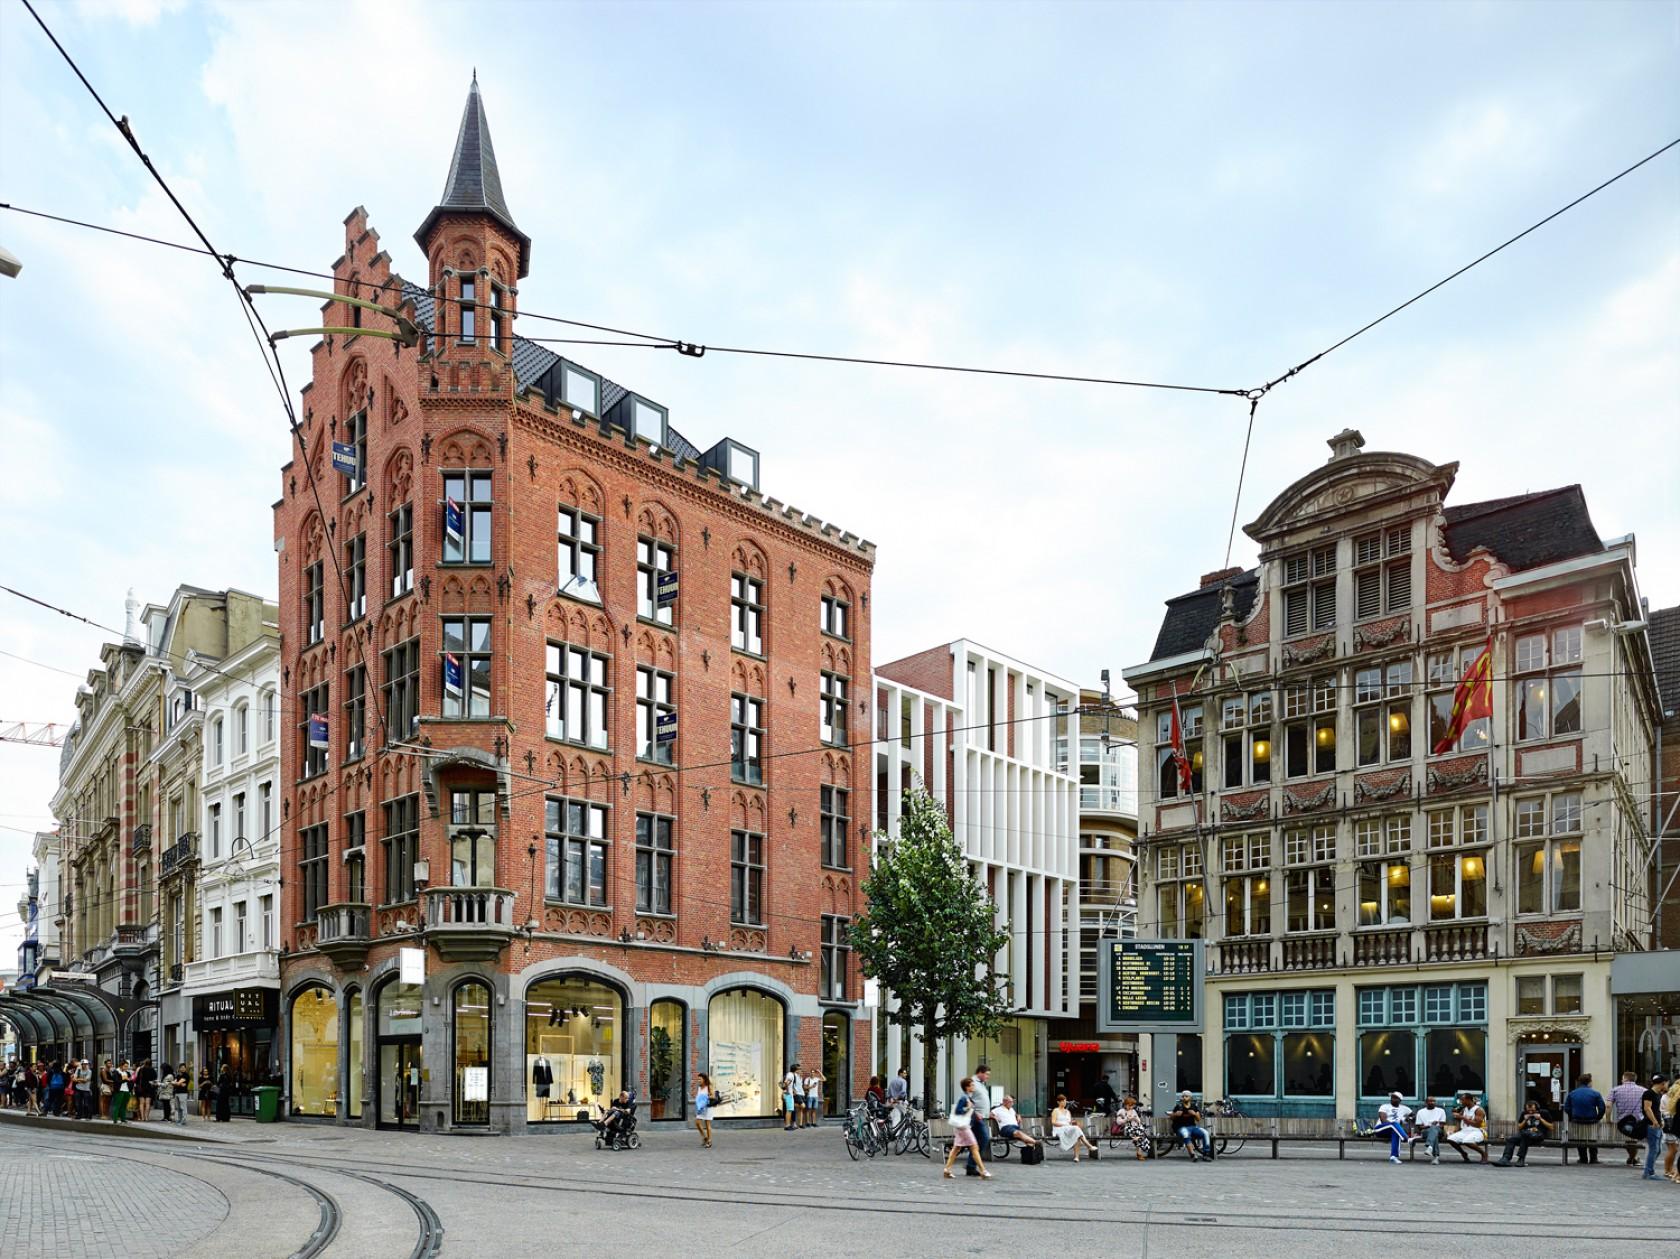 Abscis Architecten - Hedendaags omgaan met erfgoed